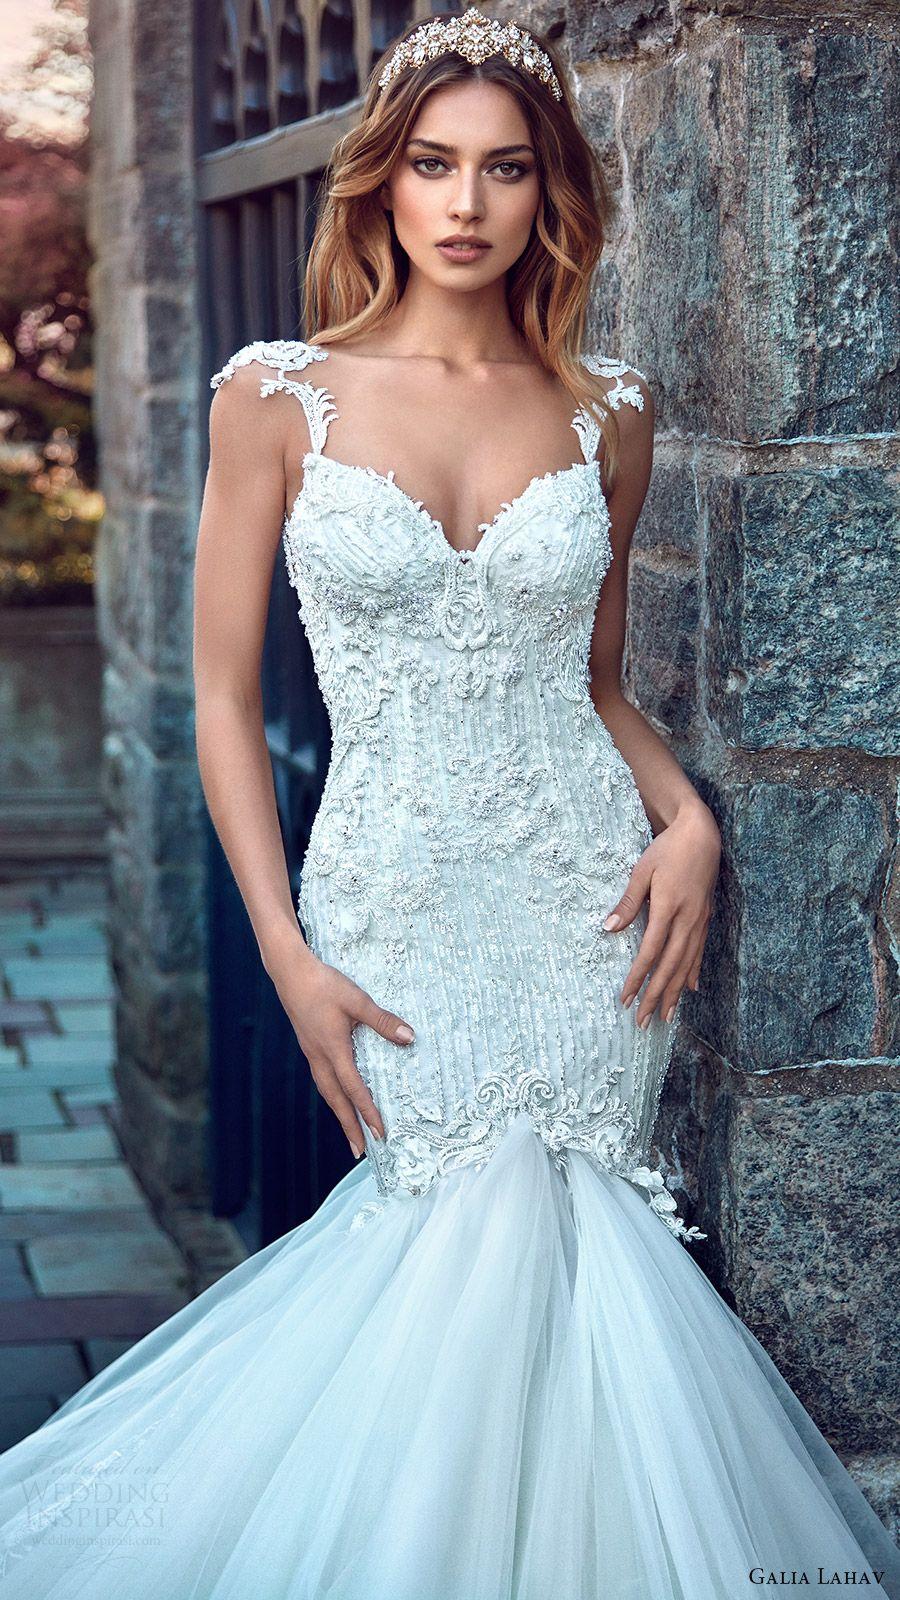 Galia Lahav Collection 2017❇❇❇ Precioso traje de novia en encaje ...